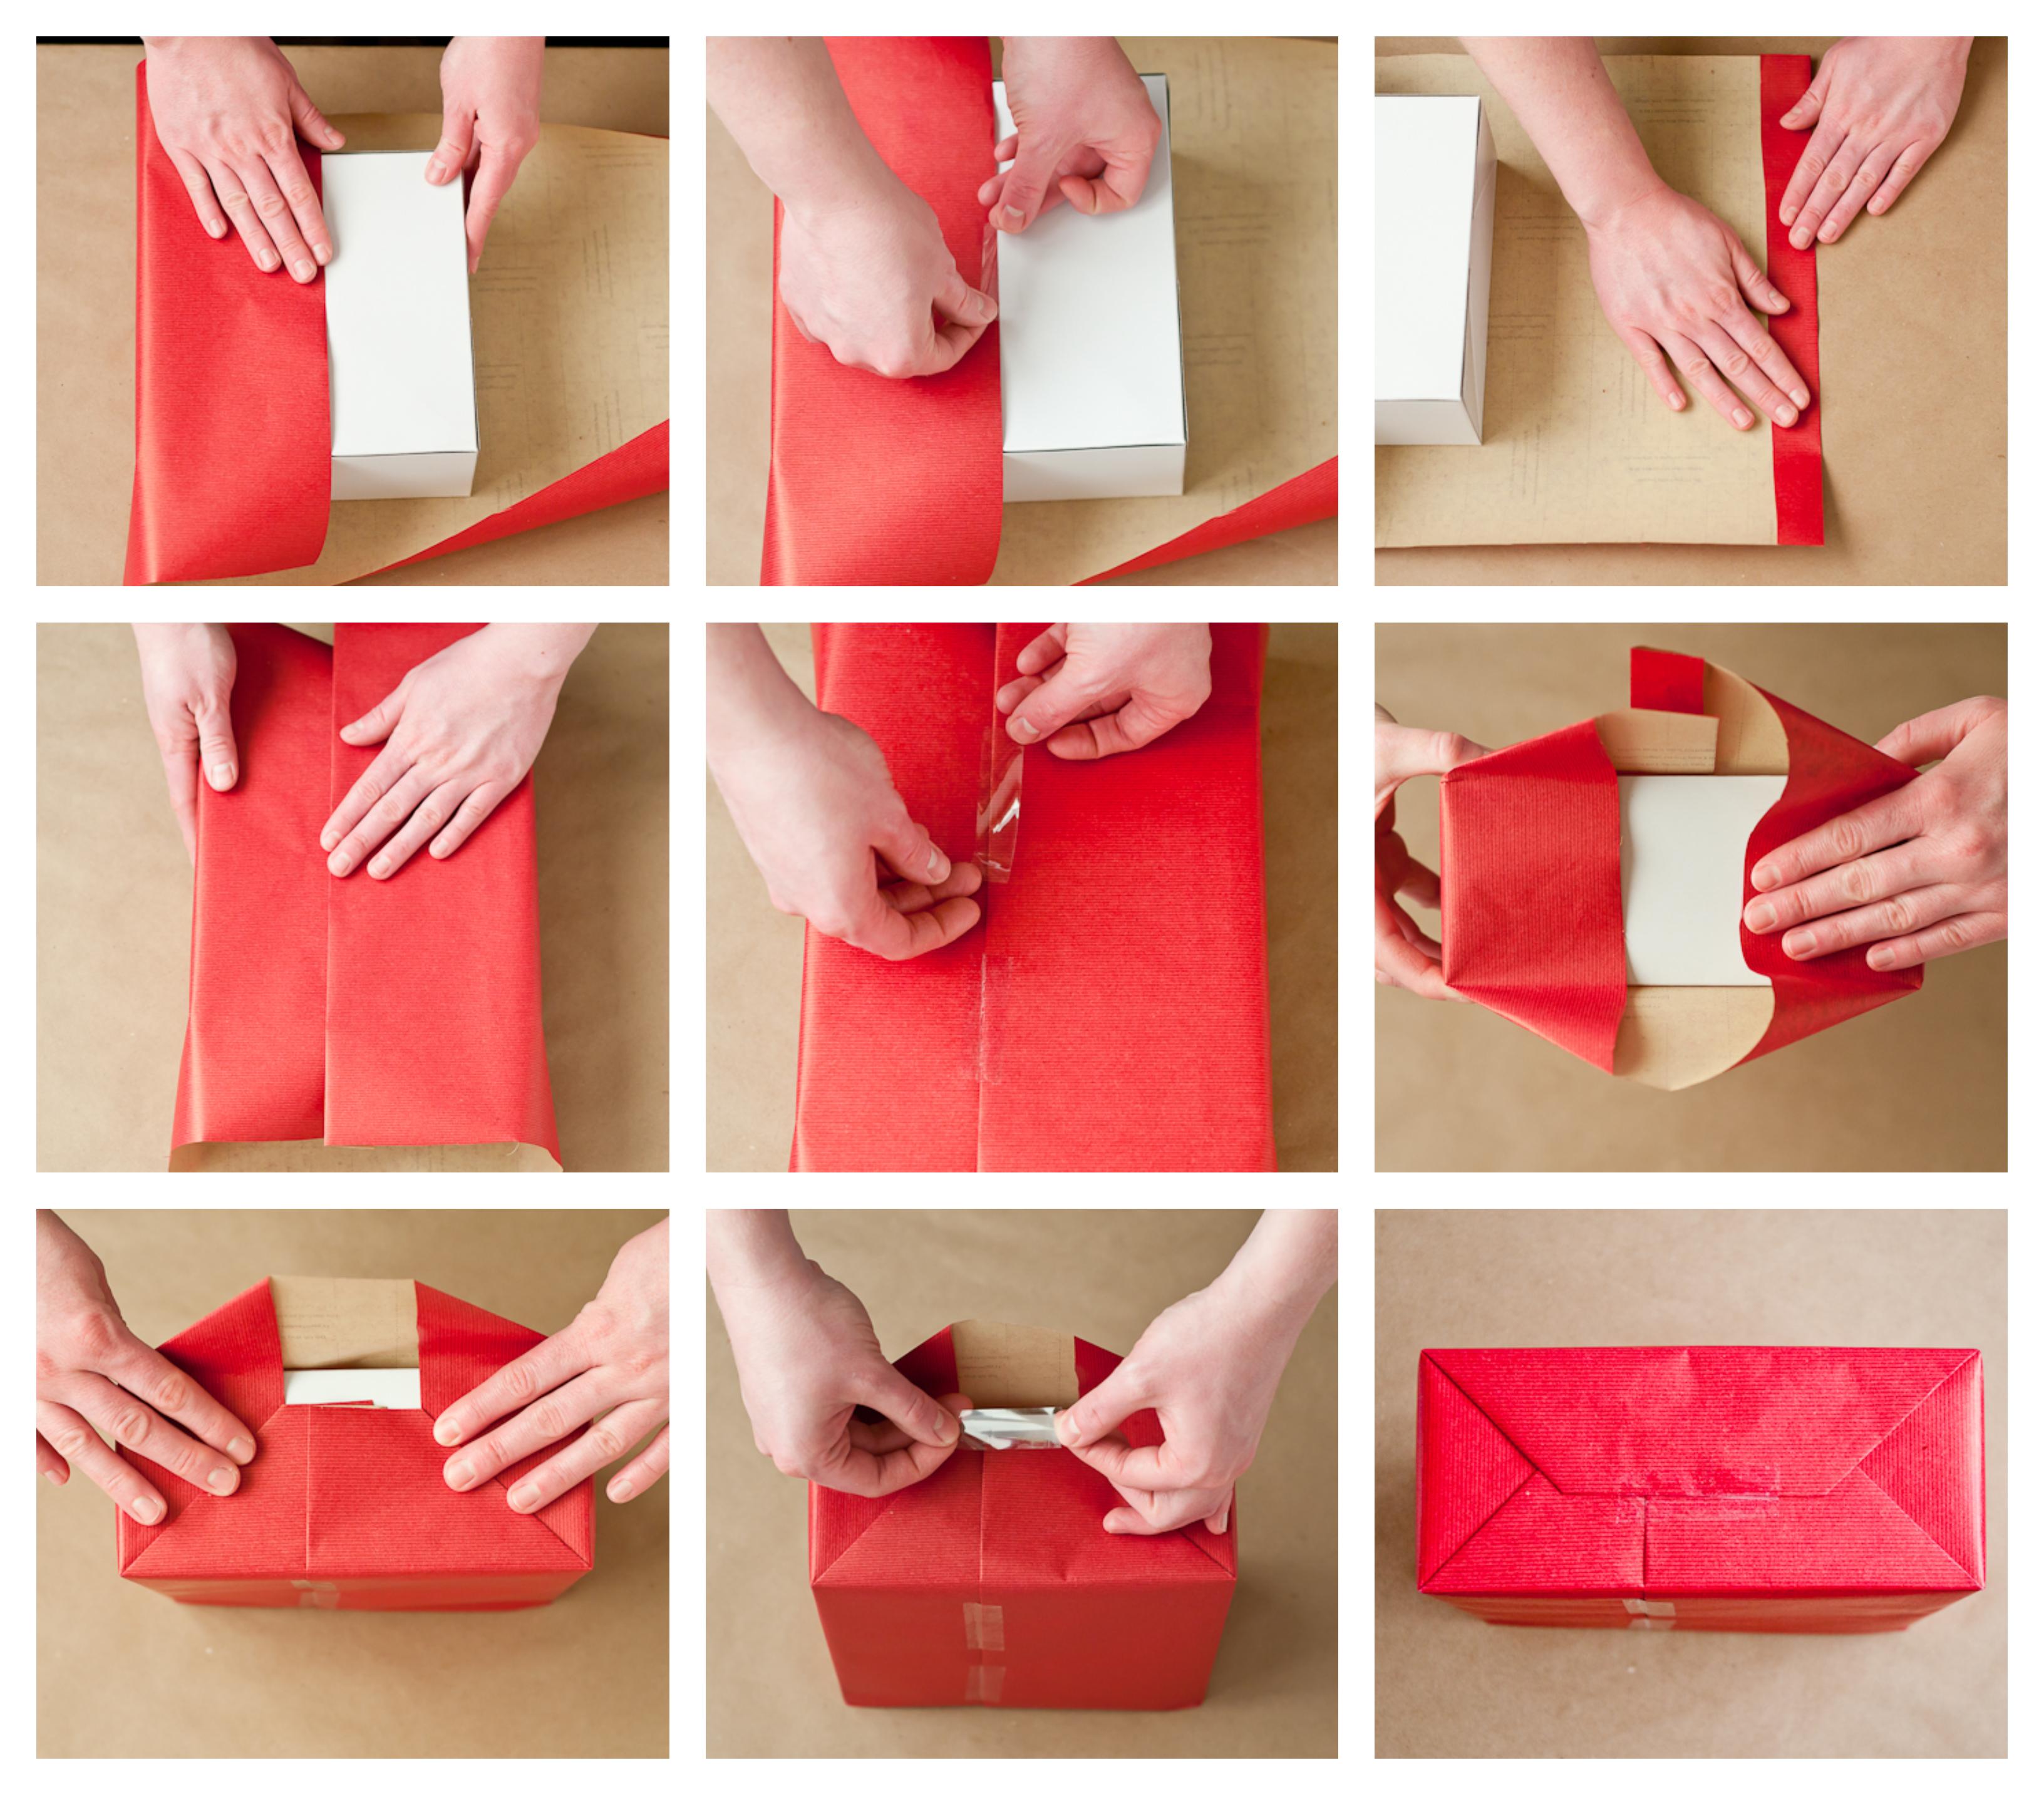 pasos para envolver regalos con papel embalaje, caja con regalo envuelta en papel decorativo